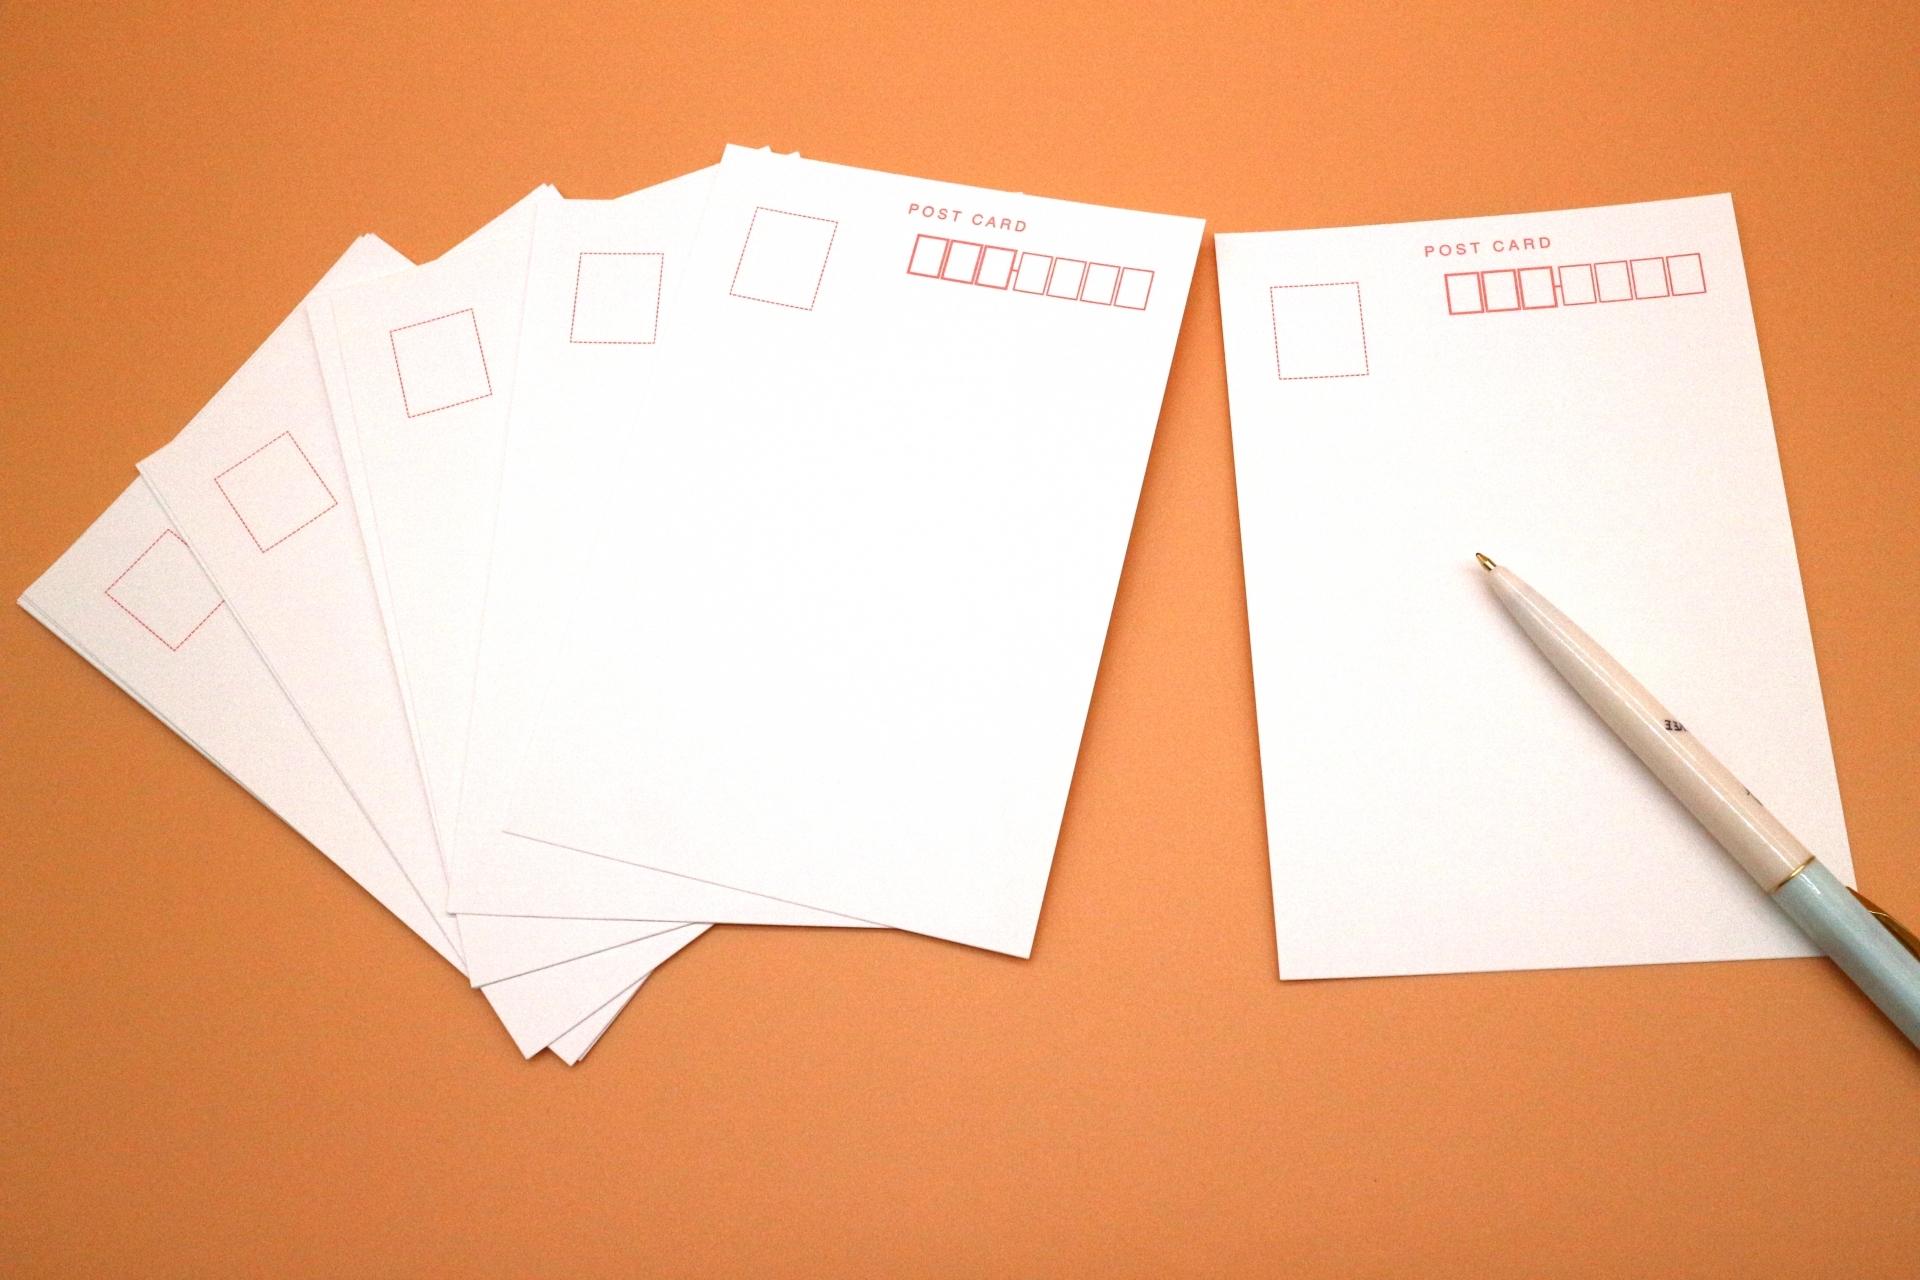 頑張っているあなたに「励ましの手書きハガキ」送ります!